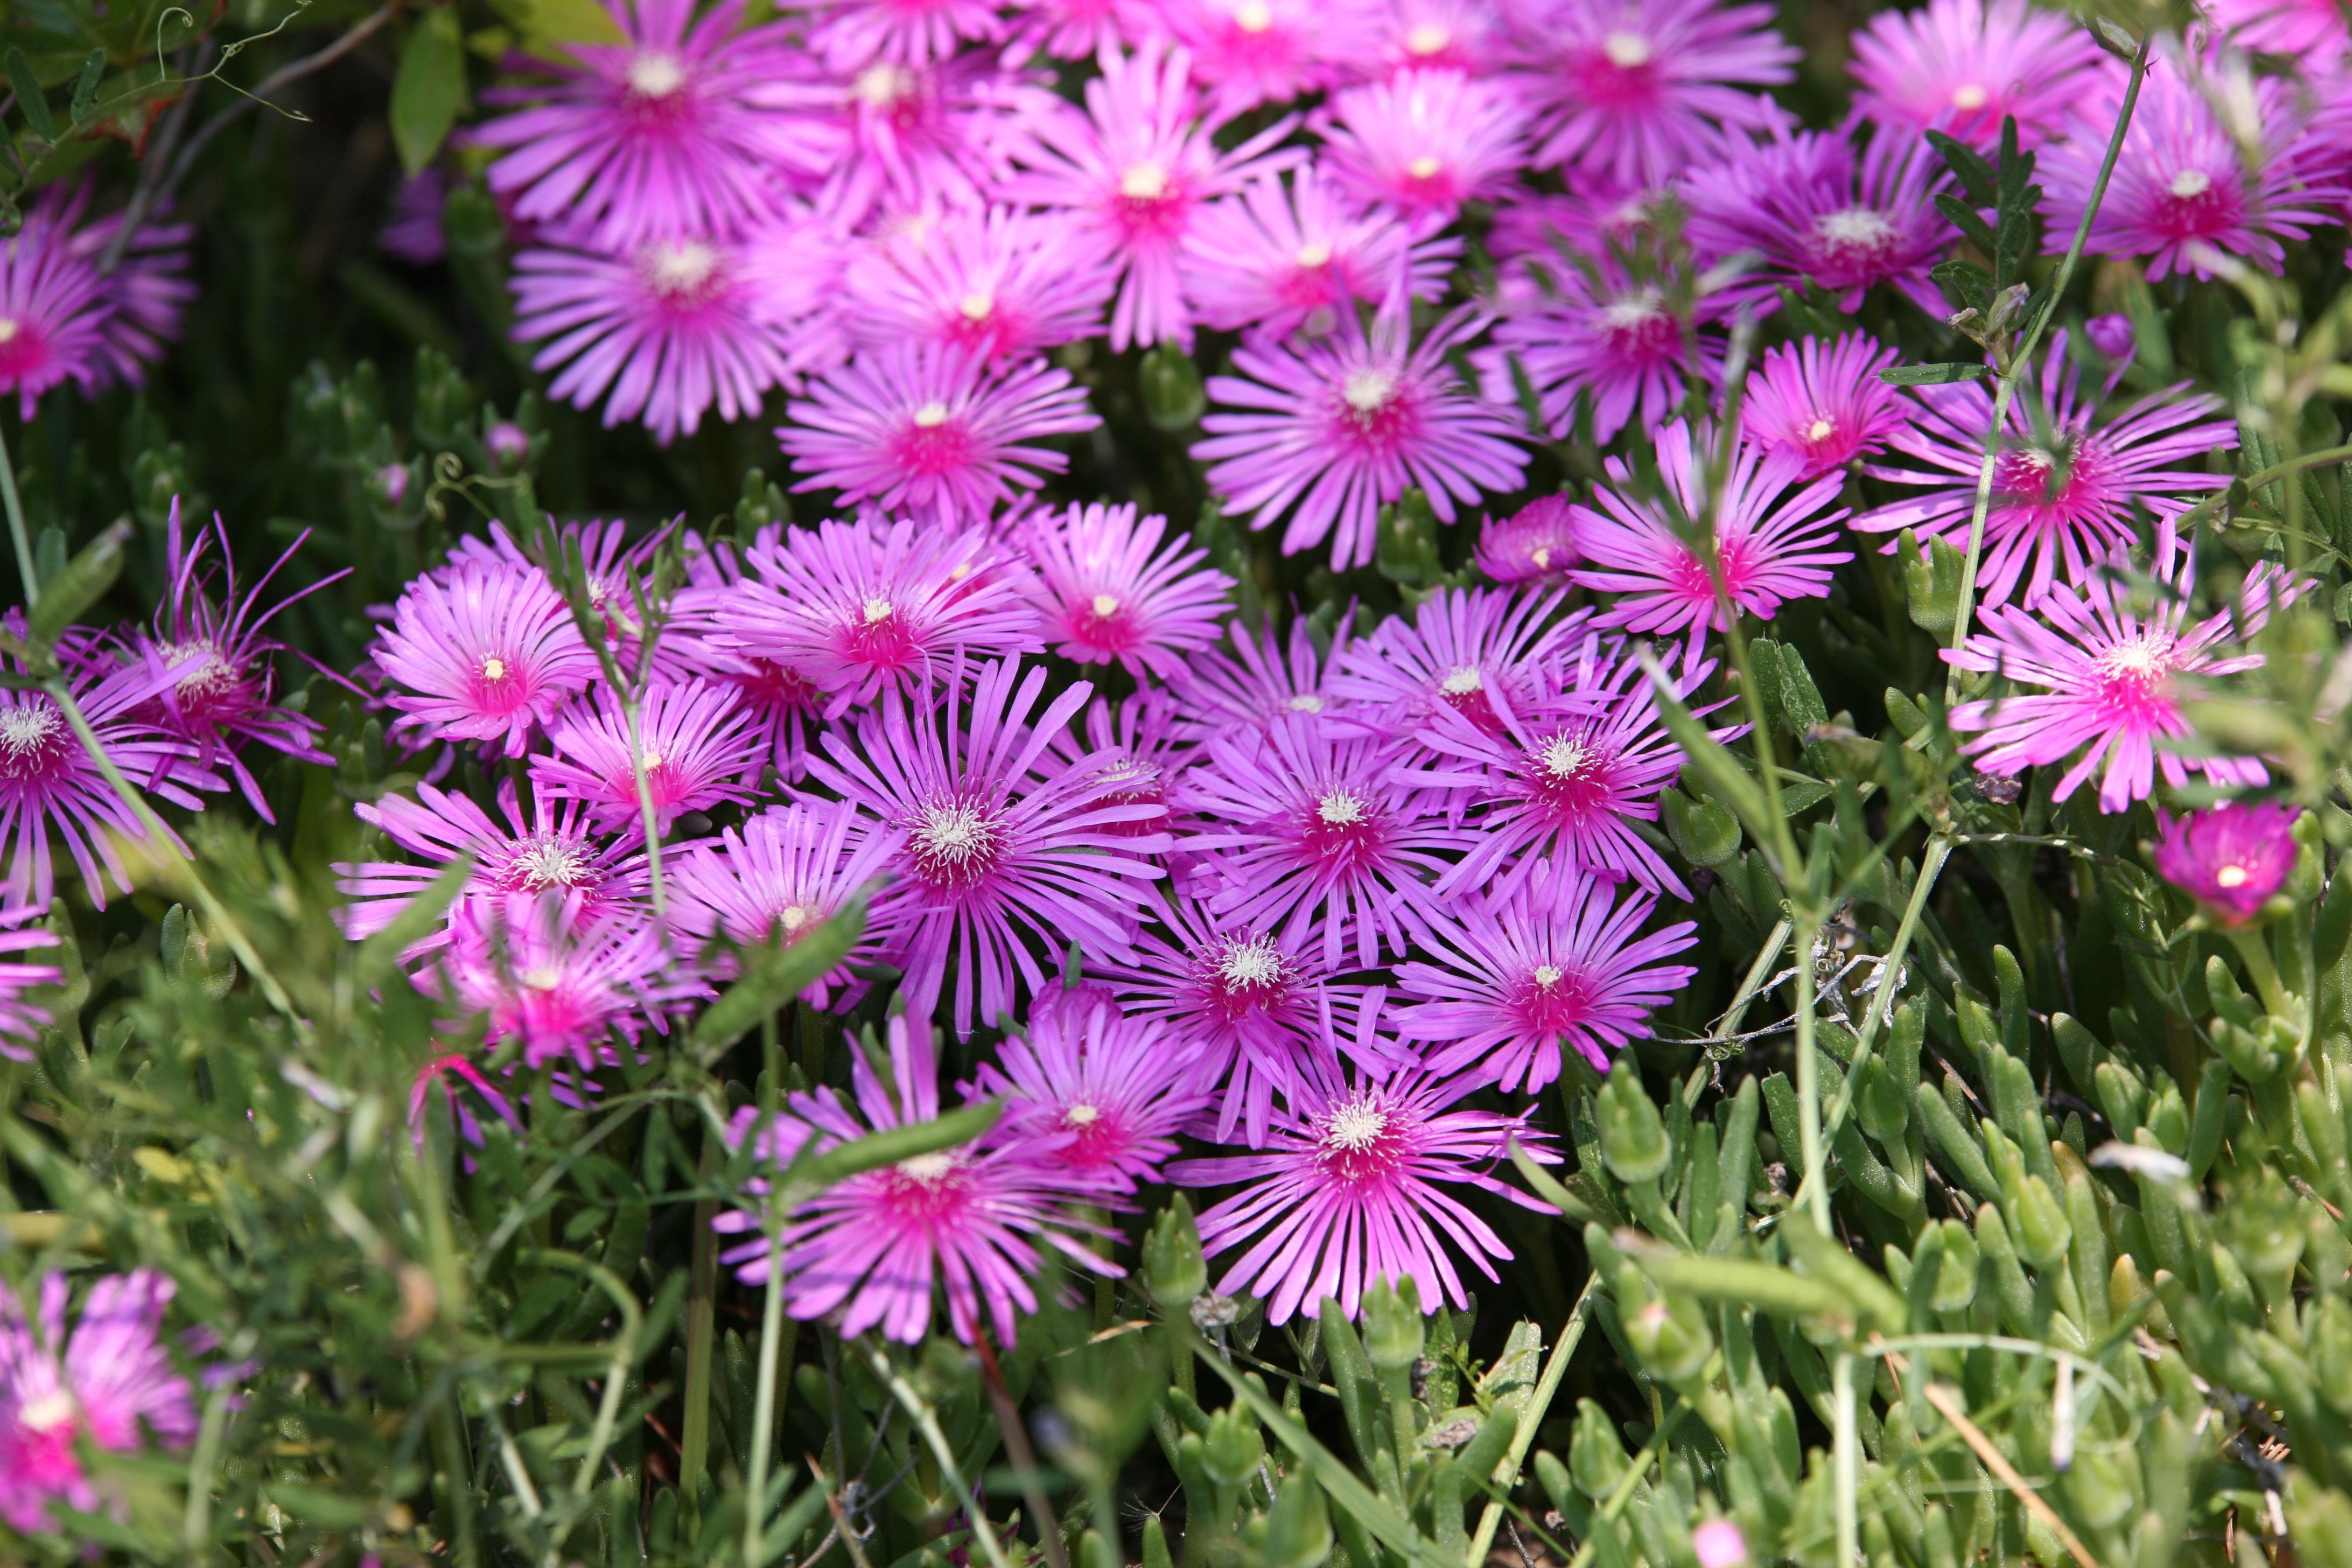 Gratuites la nature herbe fleur pétale printemps